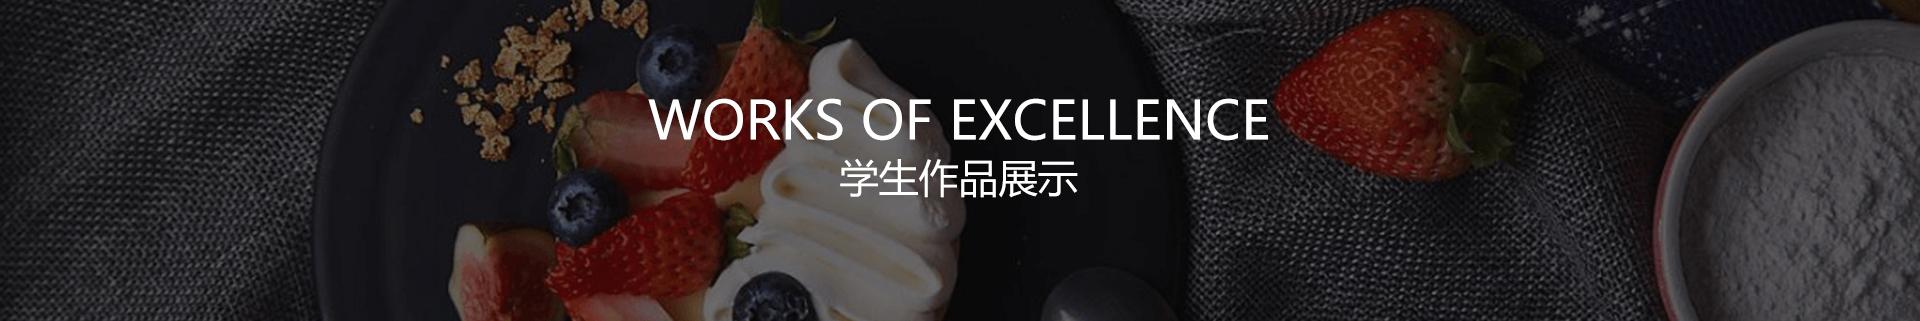 学生作品_天津新东方烹饪学校